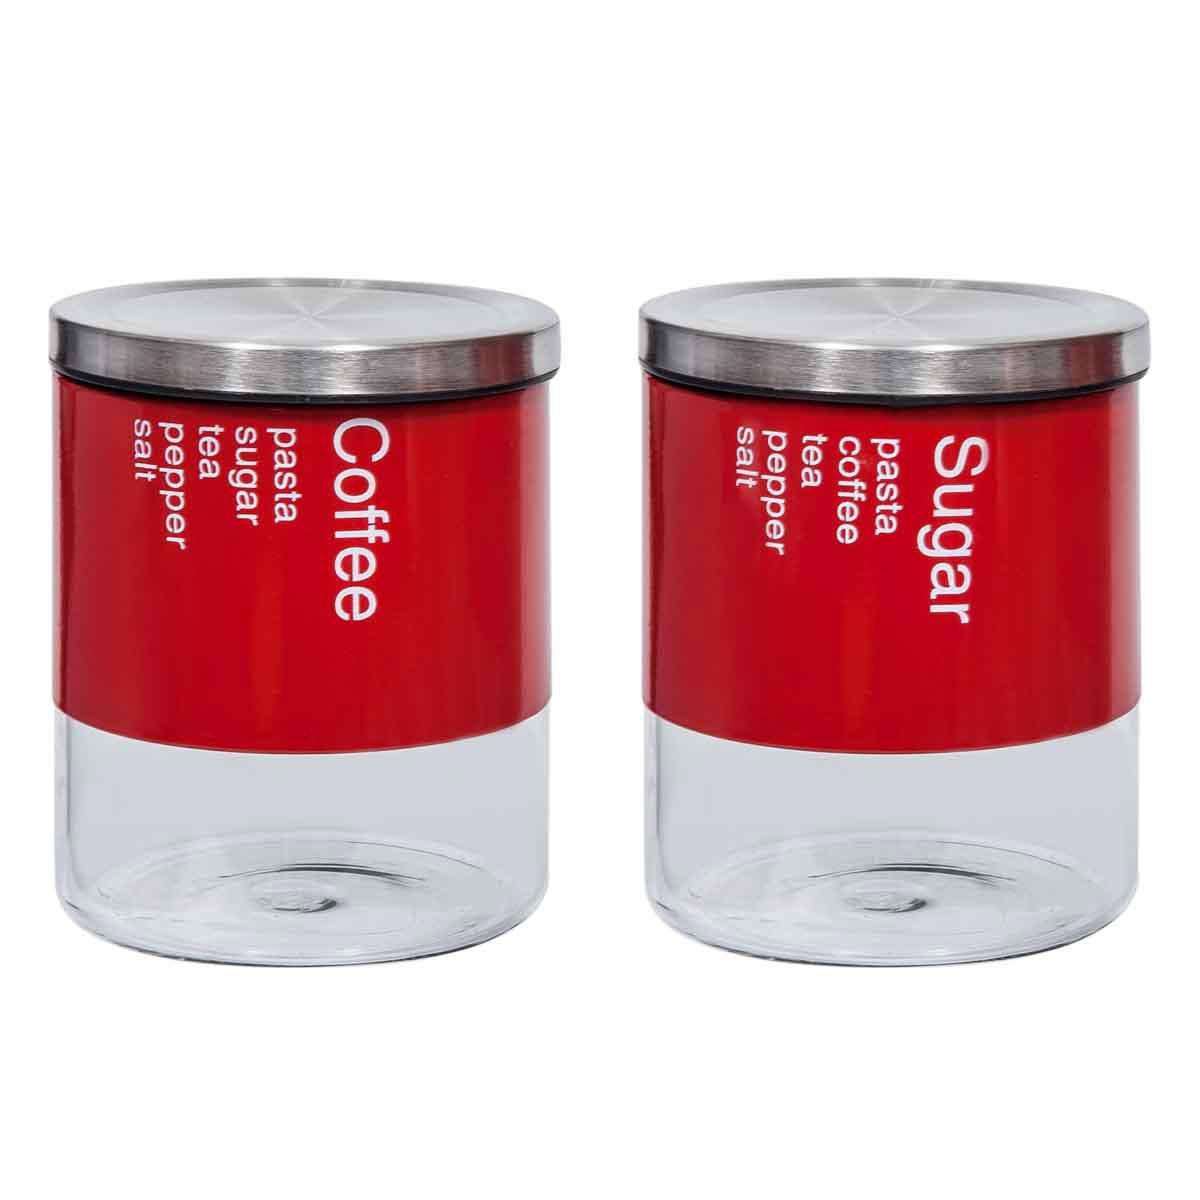 Δοχείο Ζάχαρης + Καφέ (Σετ) Marva Country Bolo Red 717014